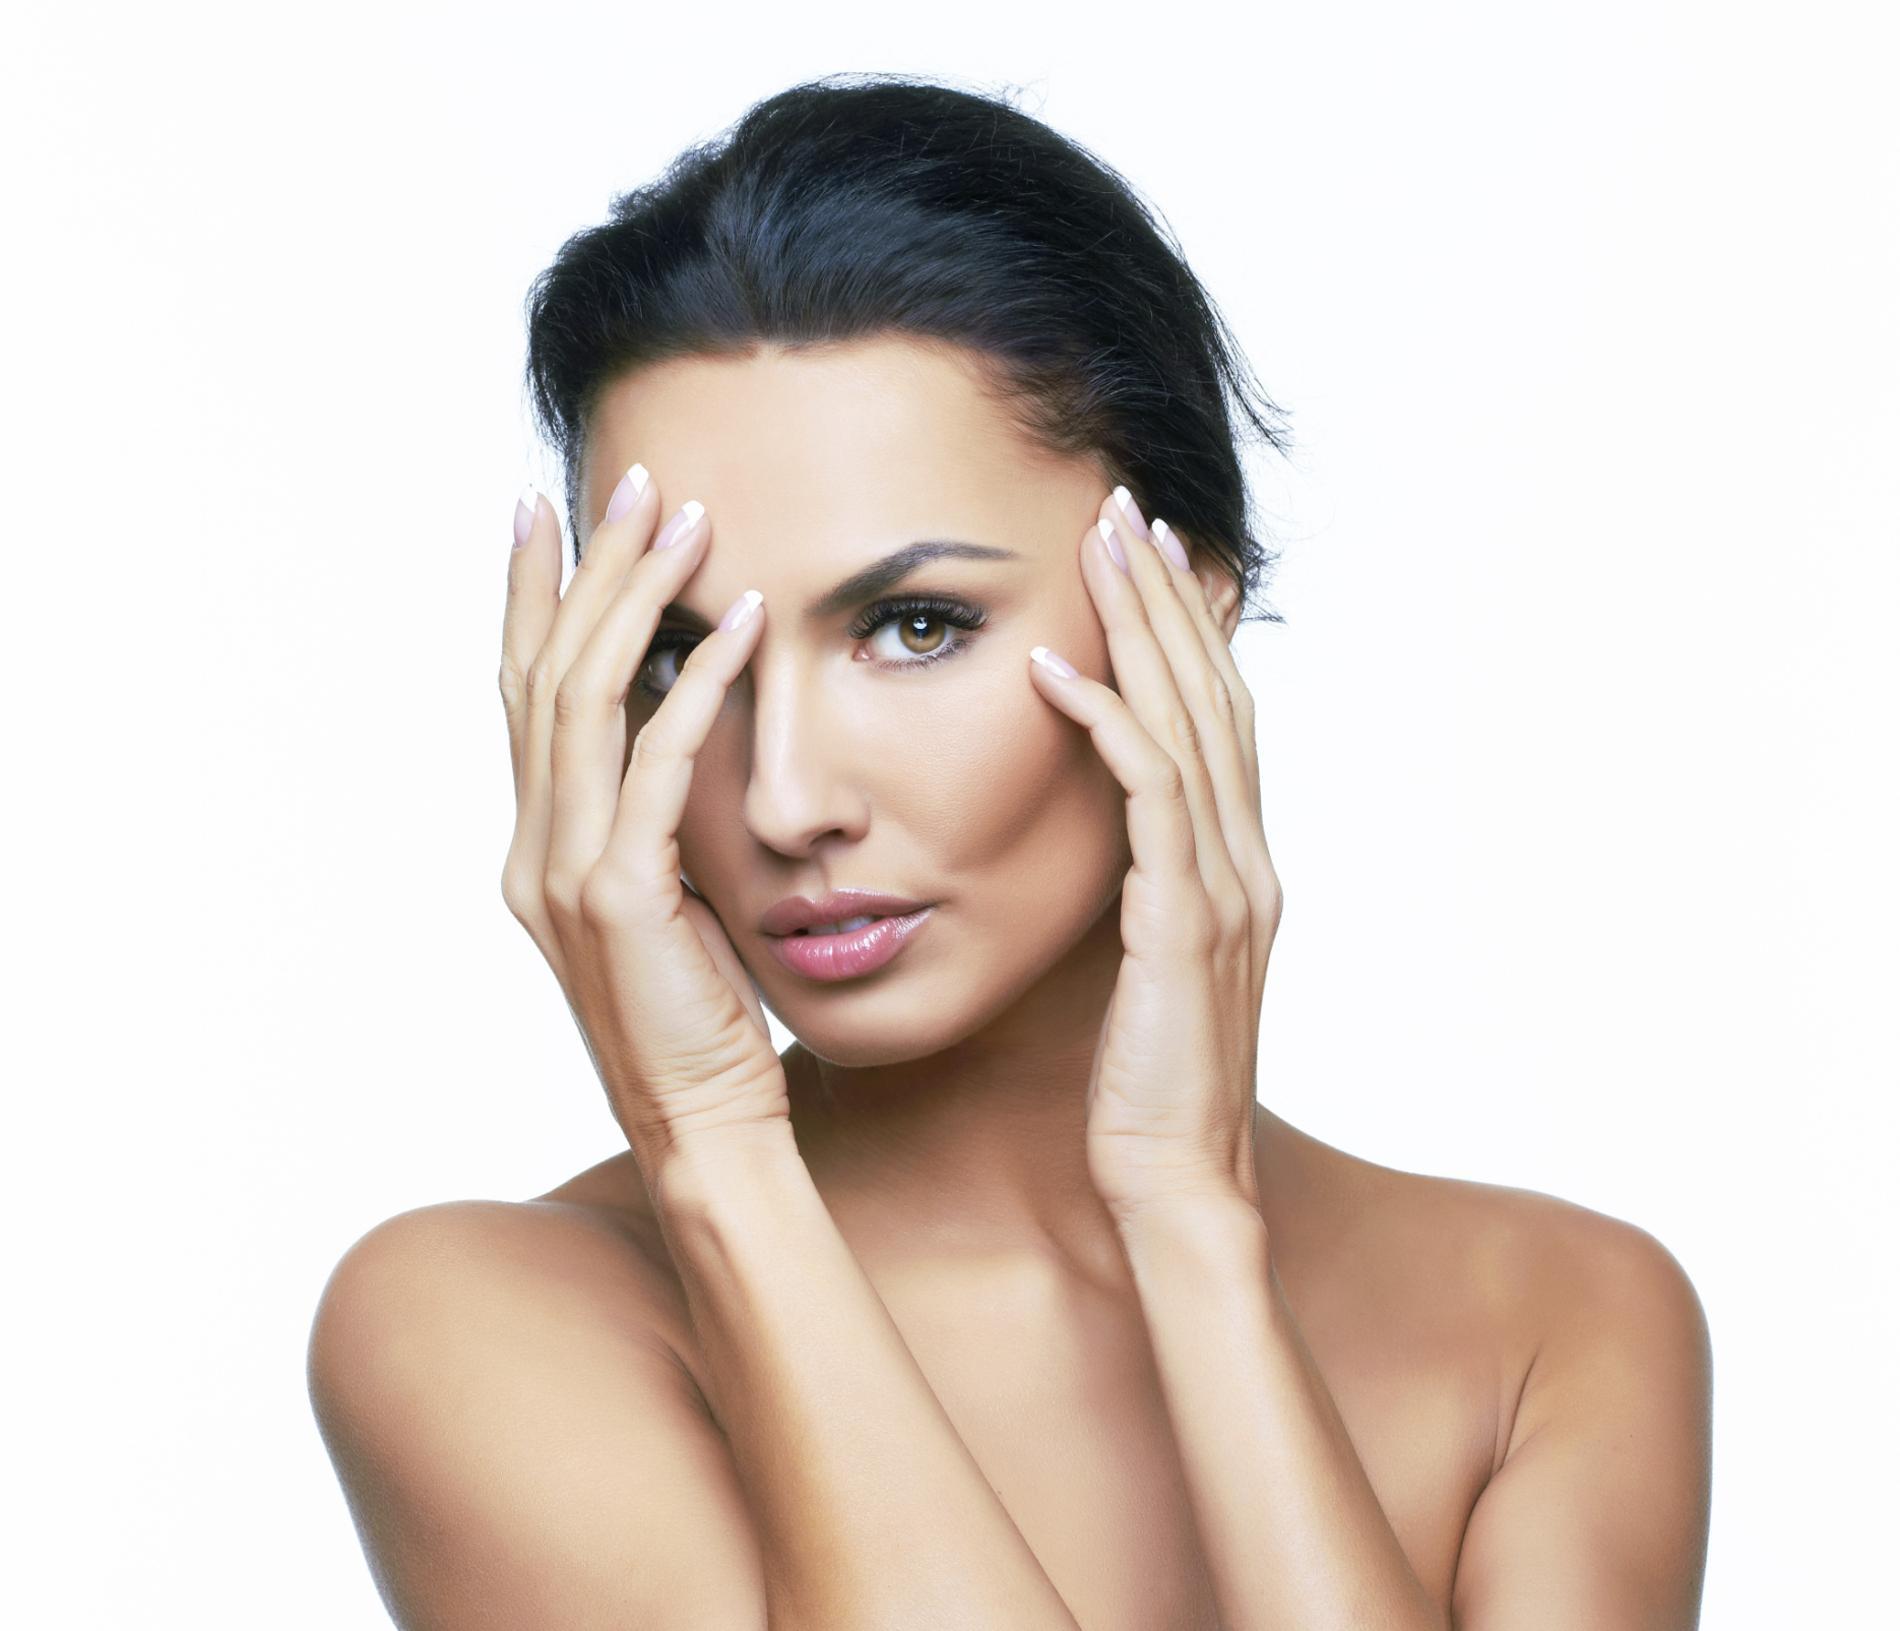 comment eviter les rides sur le visage